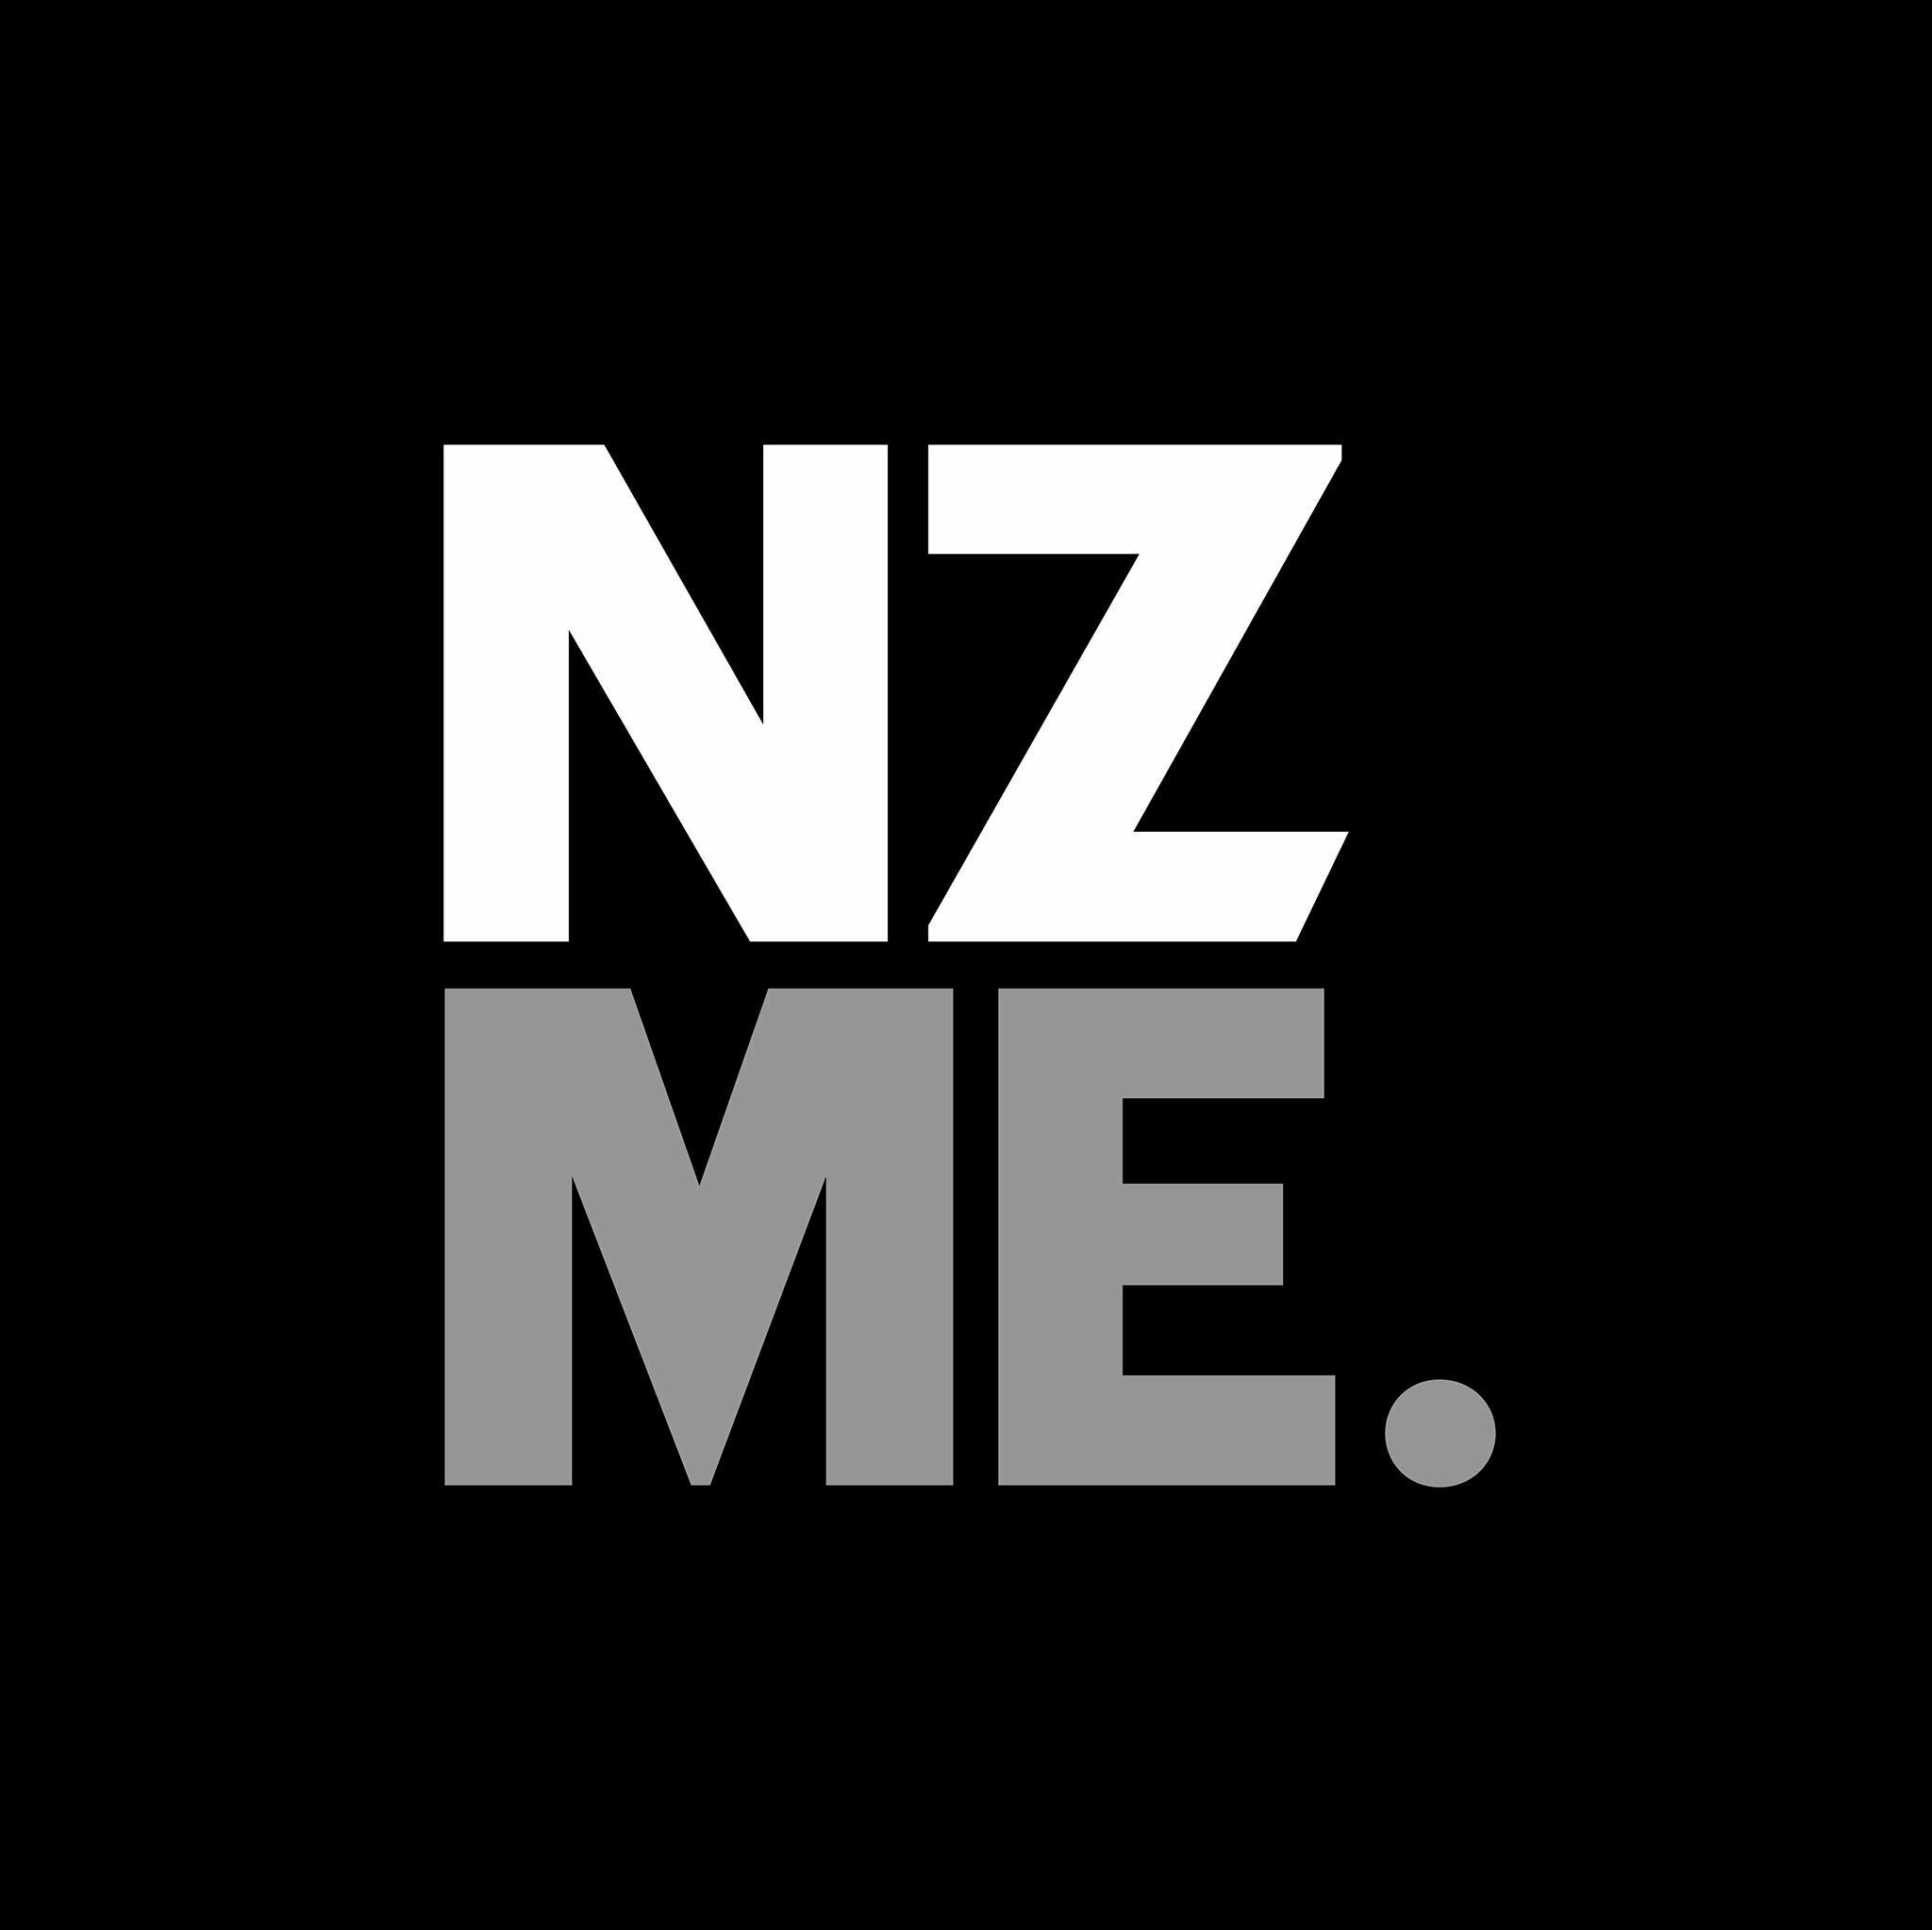 NZME.